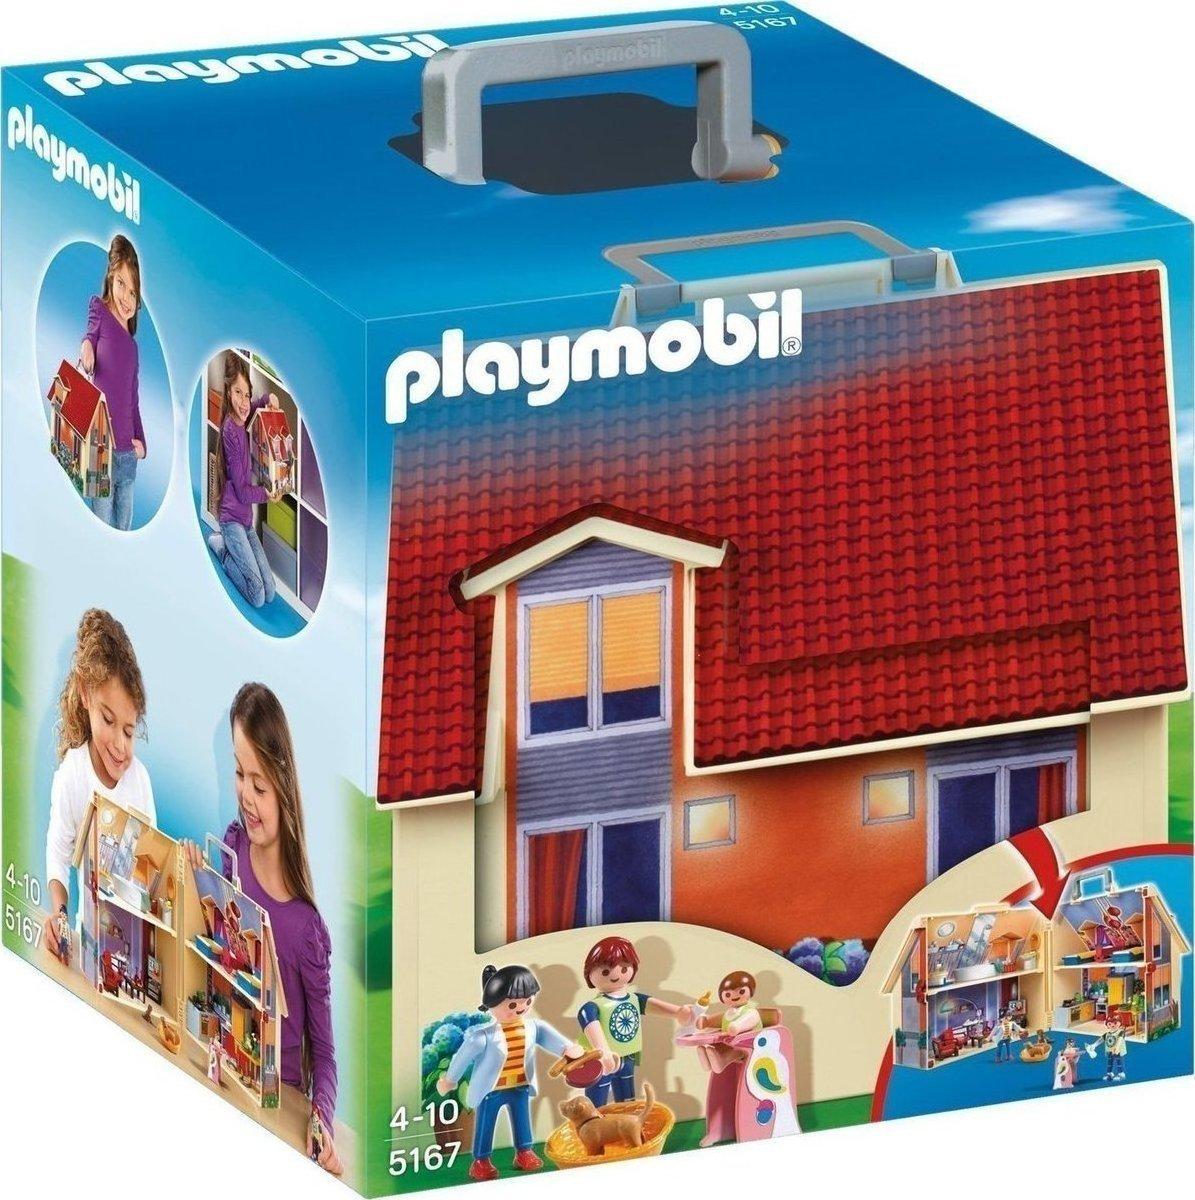 d494898593 Playmobil Μοντέρνο Κουκλόσπιτο-Βαλιτσάκι